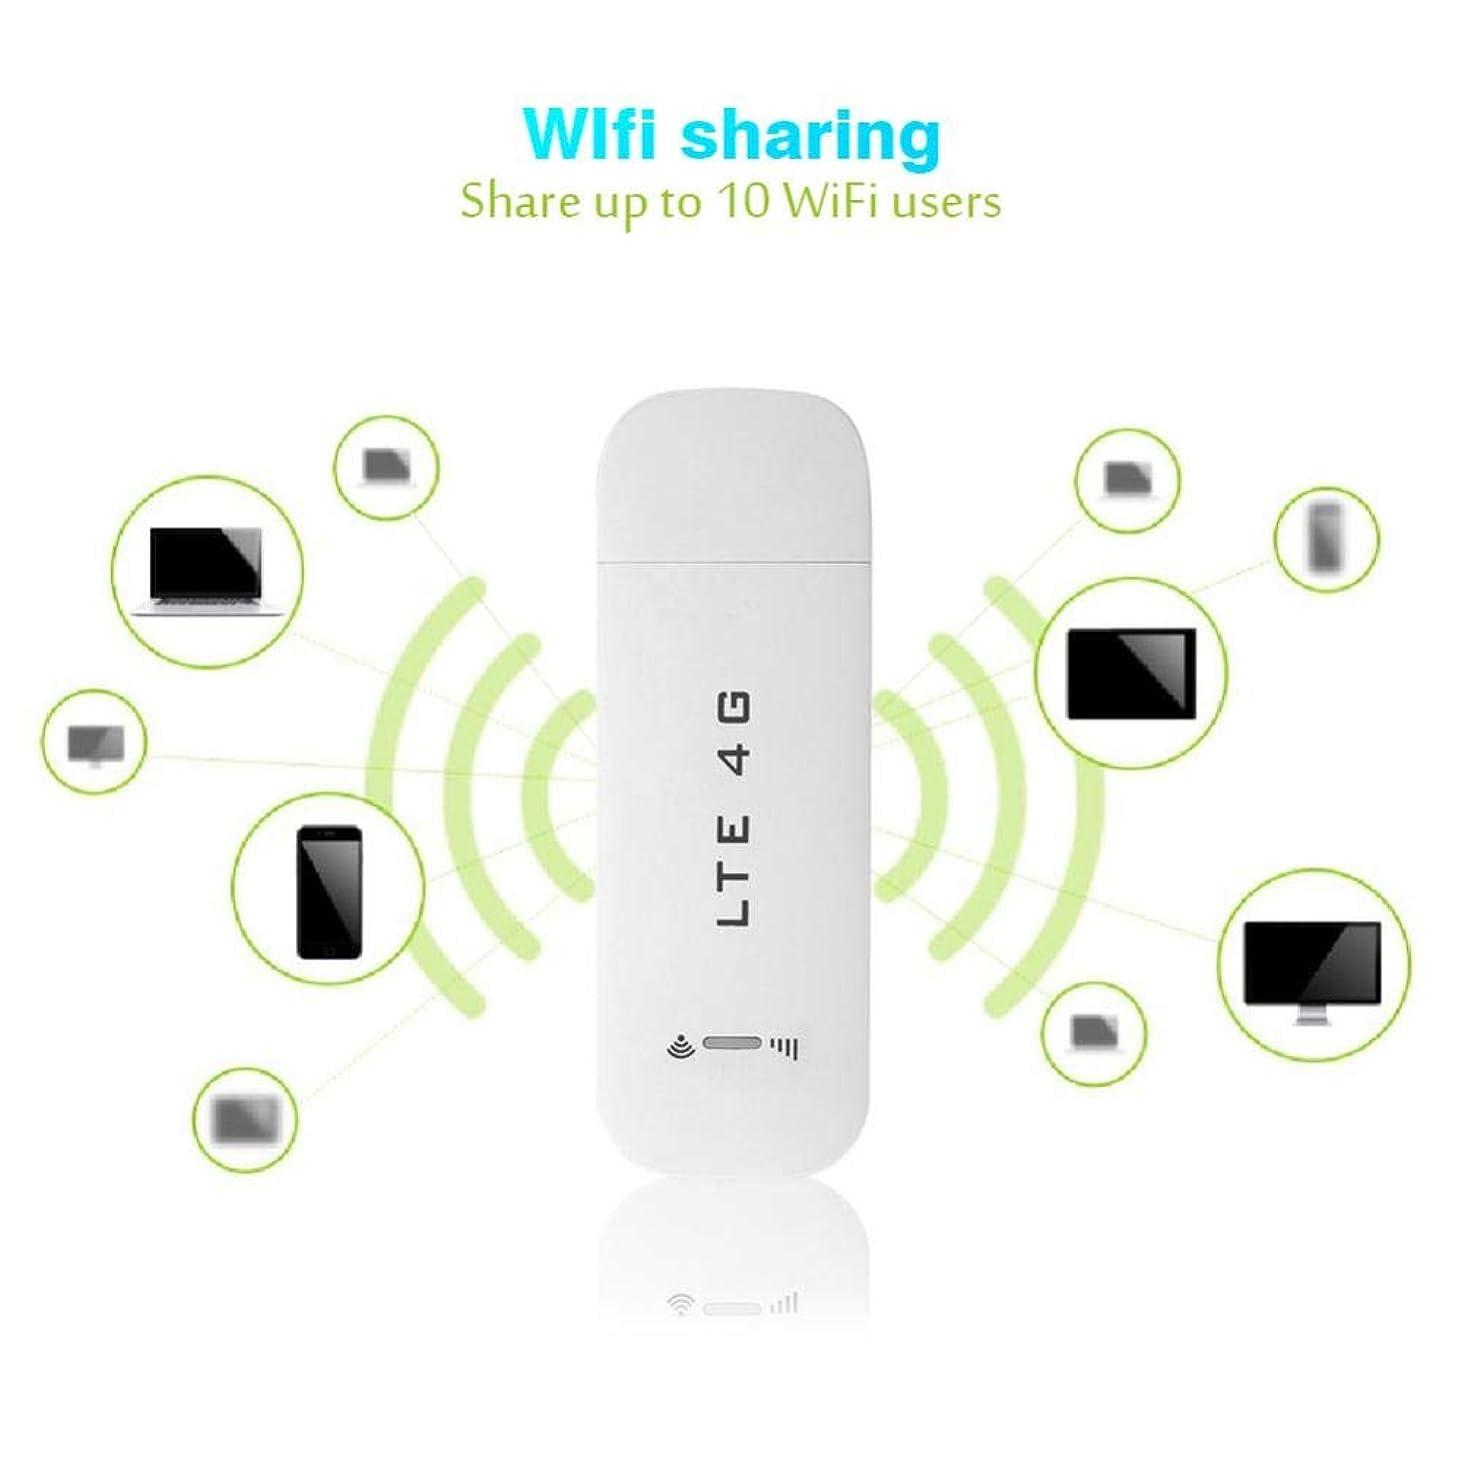 お酒対話いいね150 Mbps 4G LTEモデムモバイルWiFiホットスポットルータースティックは、トラベルカーバスで最大10人のWiFiユーザーをサポート(Wifi機能付き)